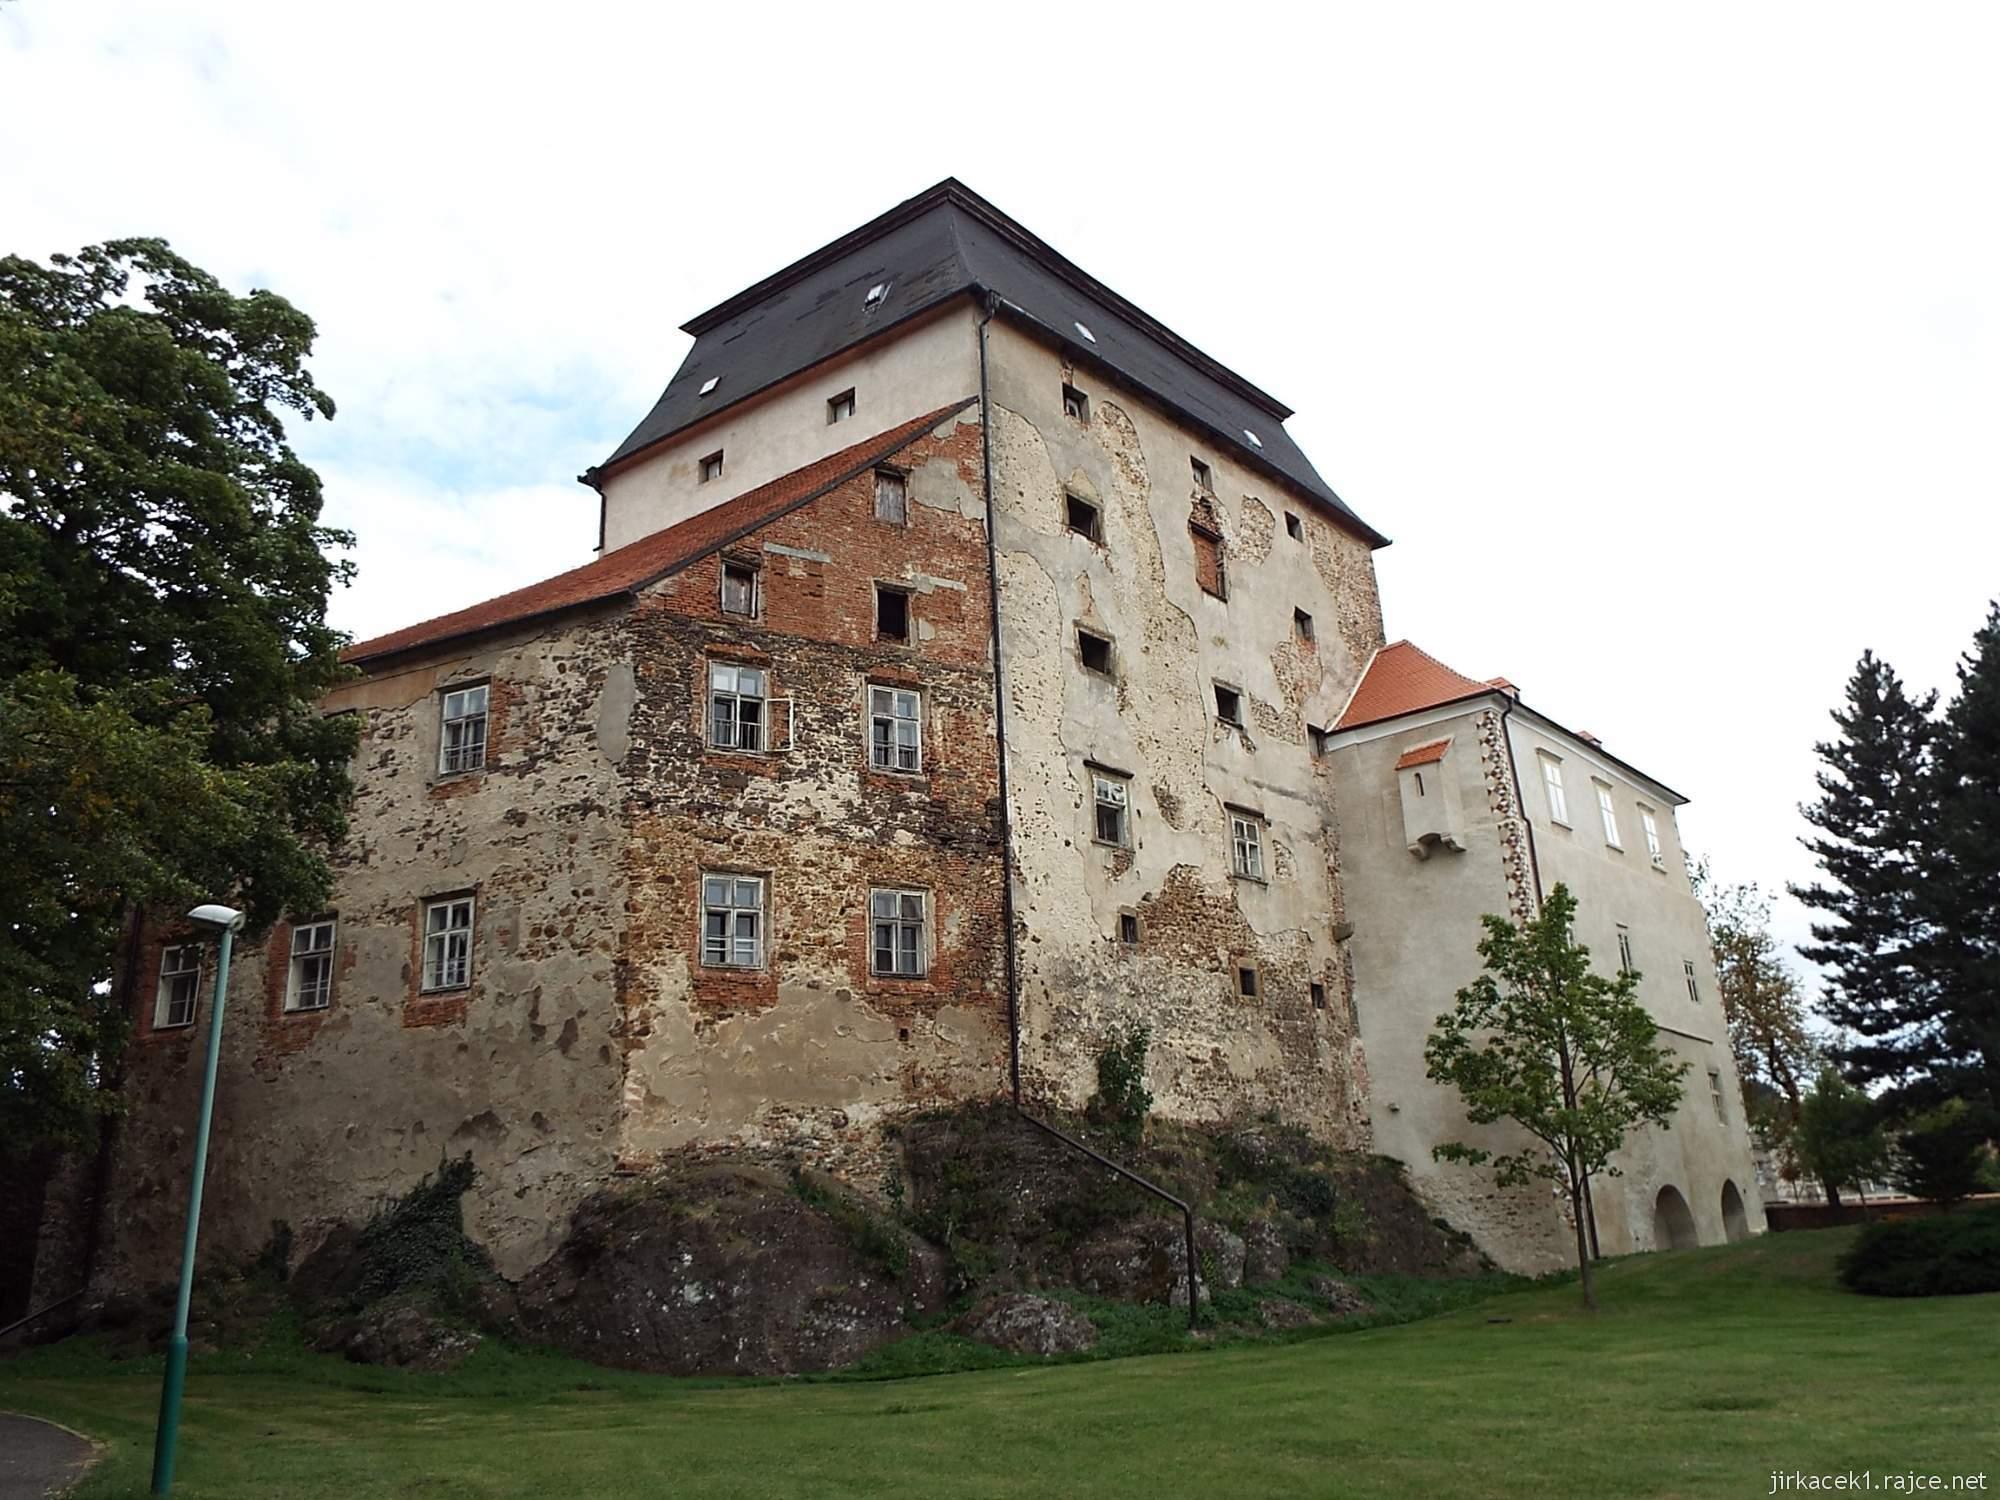 zámek Miroslav 69 - zámek